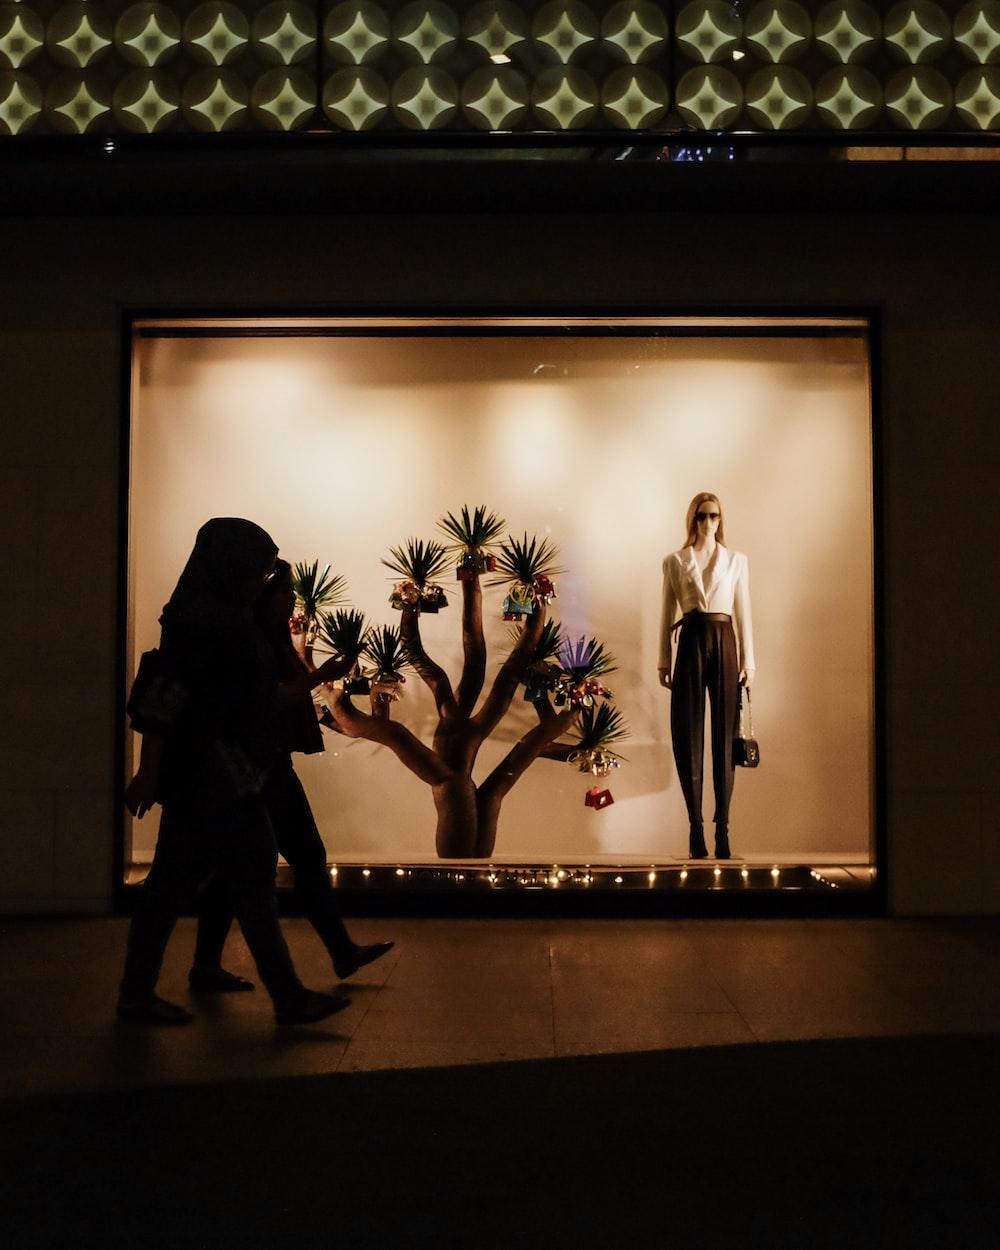 woman walking inside mall